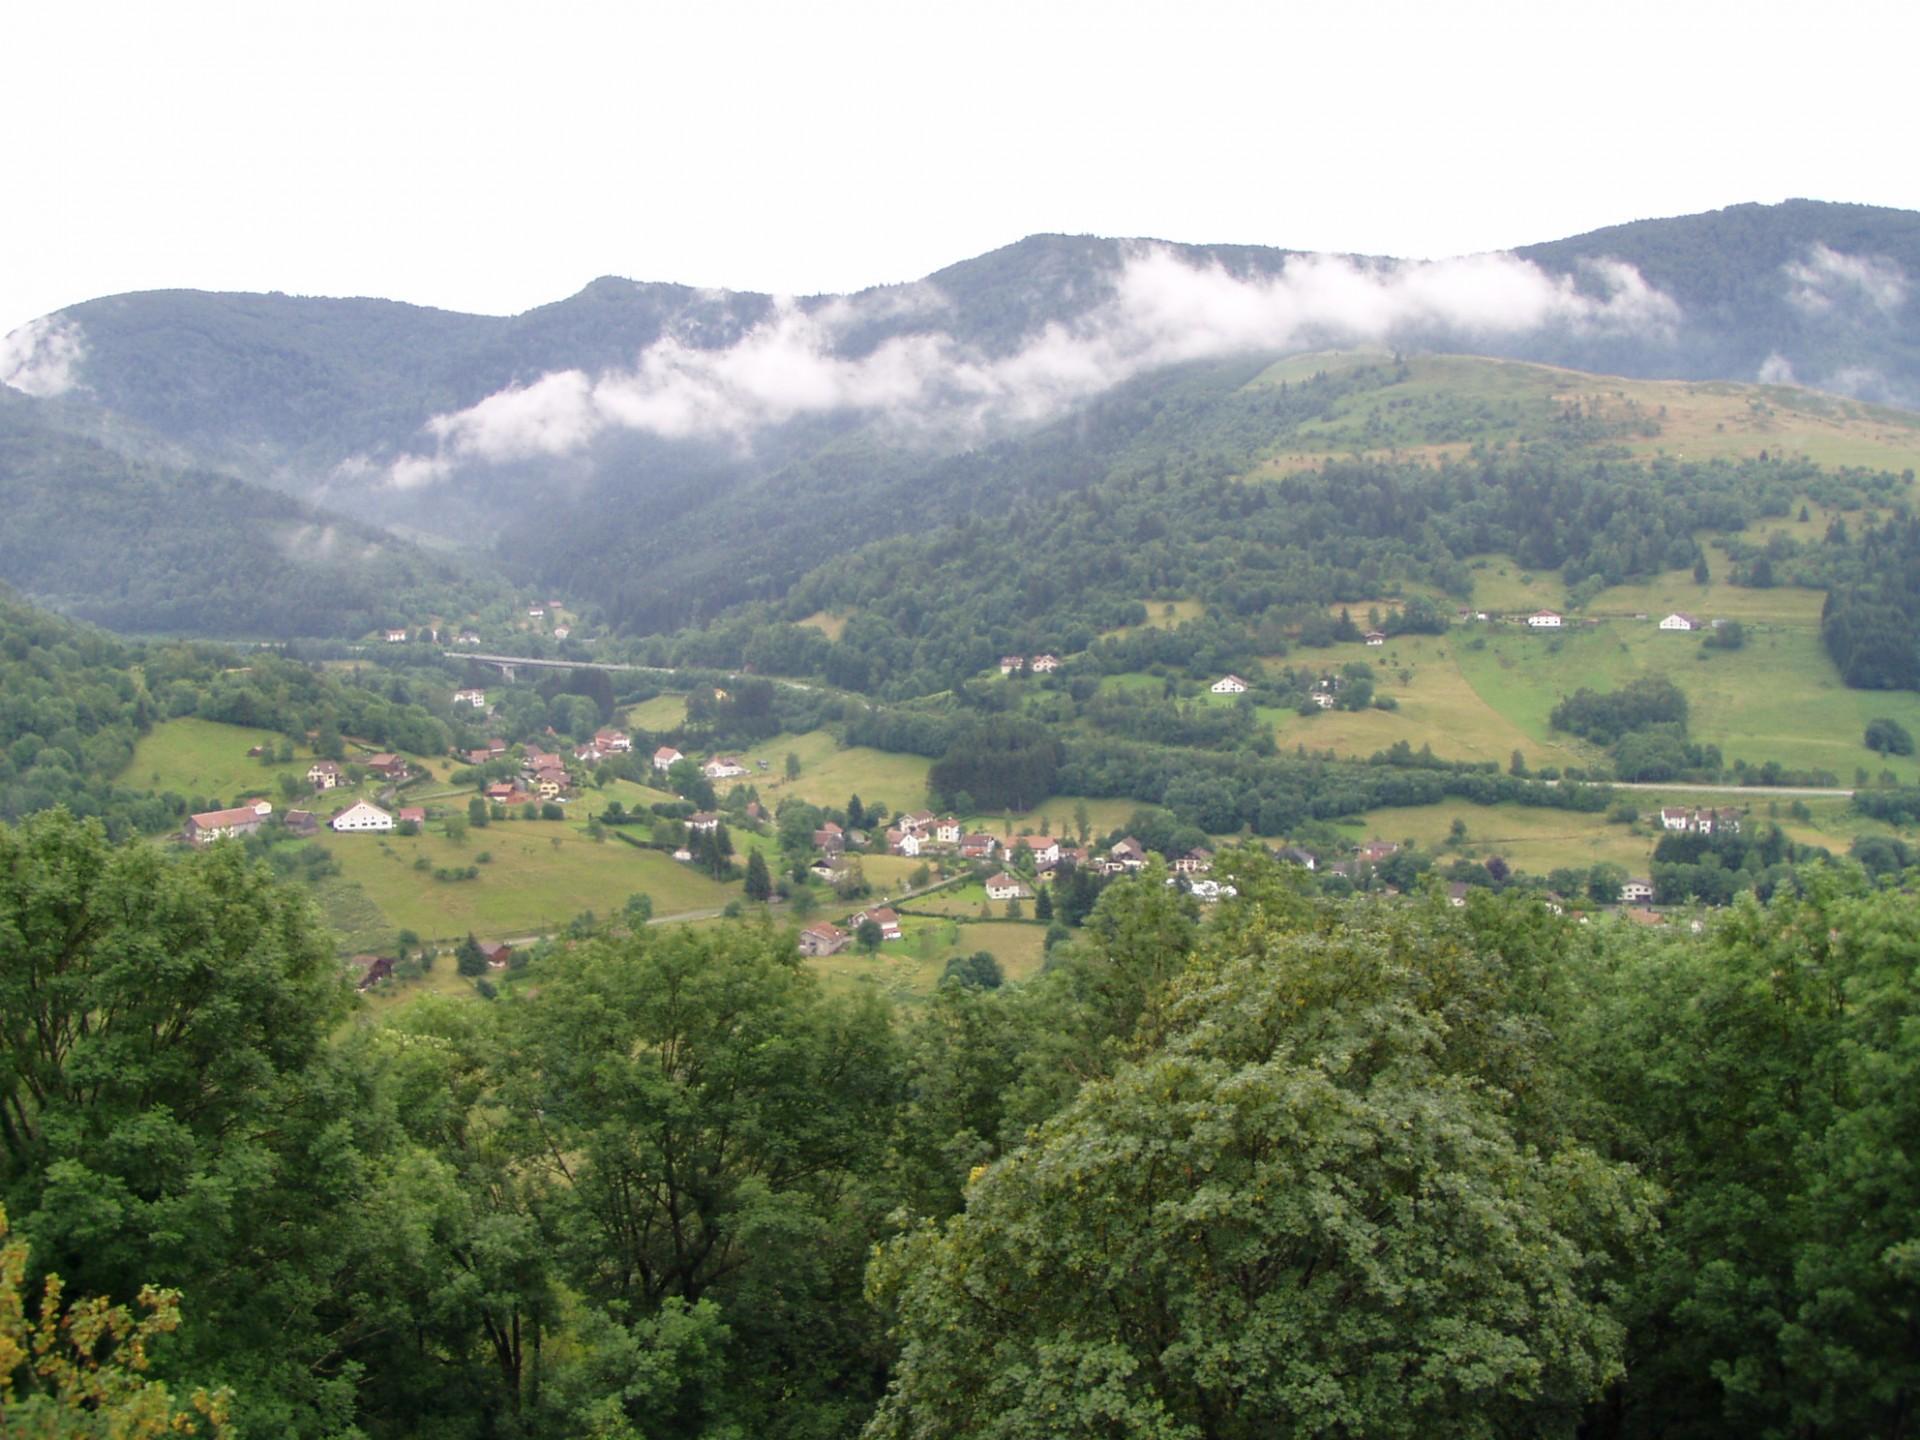 bussang-les-sources-depuis-les-balcons-de-bussang-20070708-france-vosges-misson-didier-310